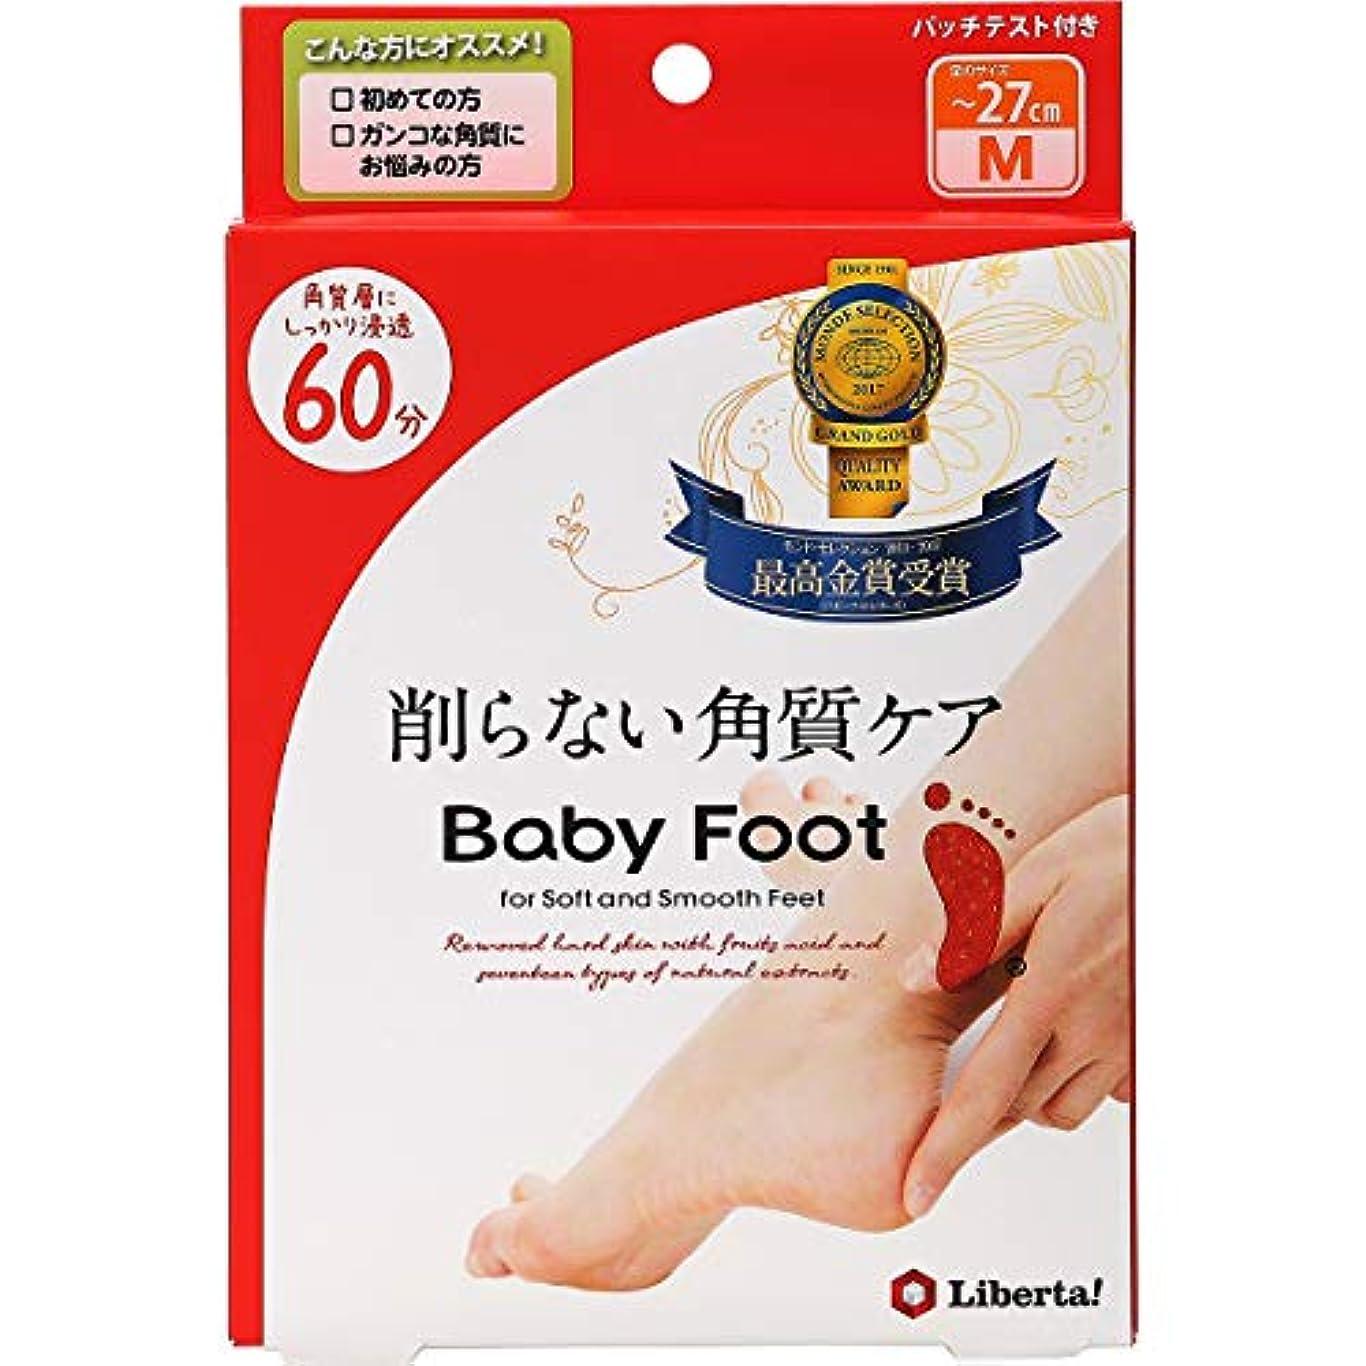 に渡ってマーティフィールディング神経障害ベビーフット (Baby Foot) ベビーフット イージーパック SPT60分タイプ Mサイズ 単品